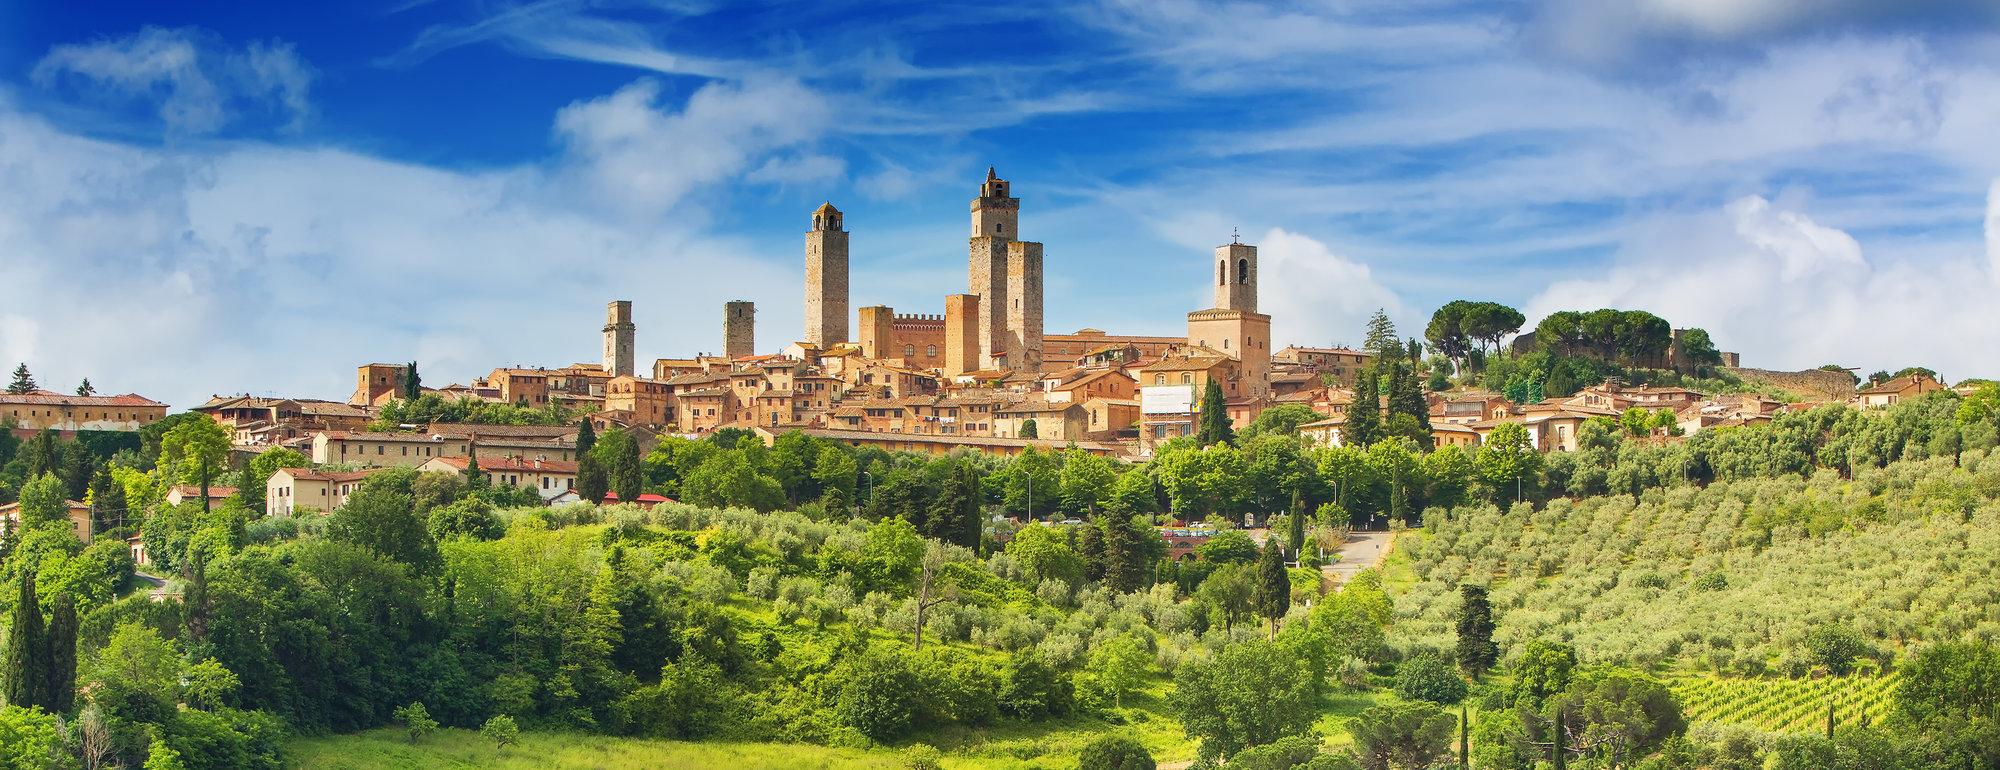 San Gimgnano